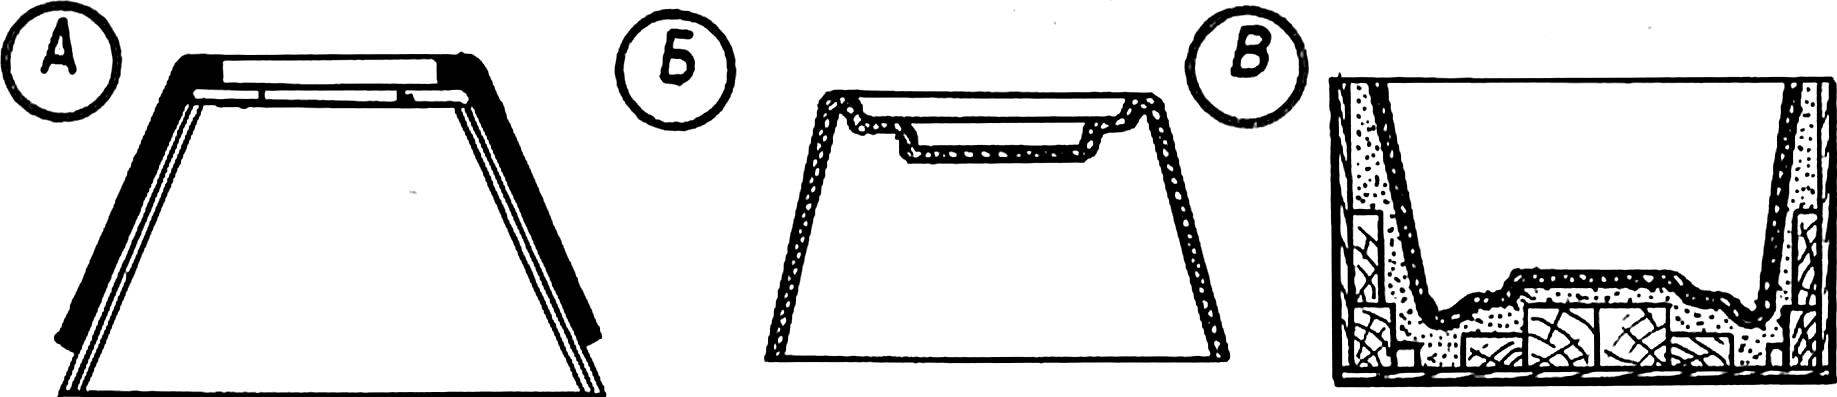 Рис. 3. Последовательность операций по изготовлению обтекателя матричным способом.